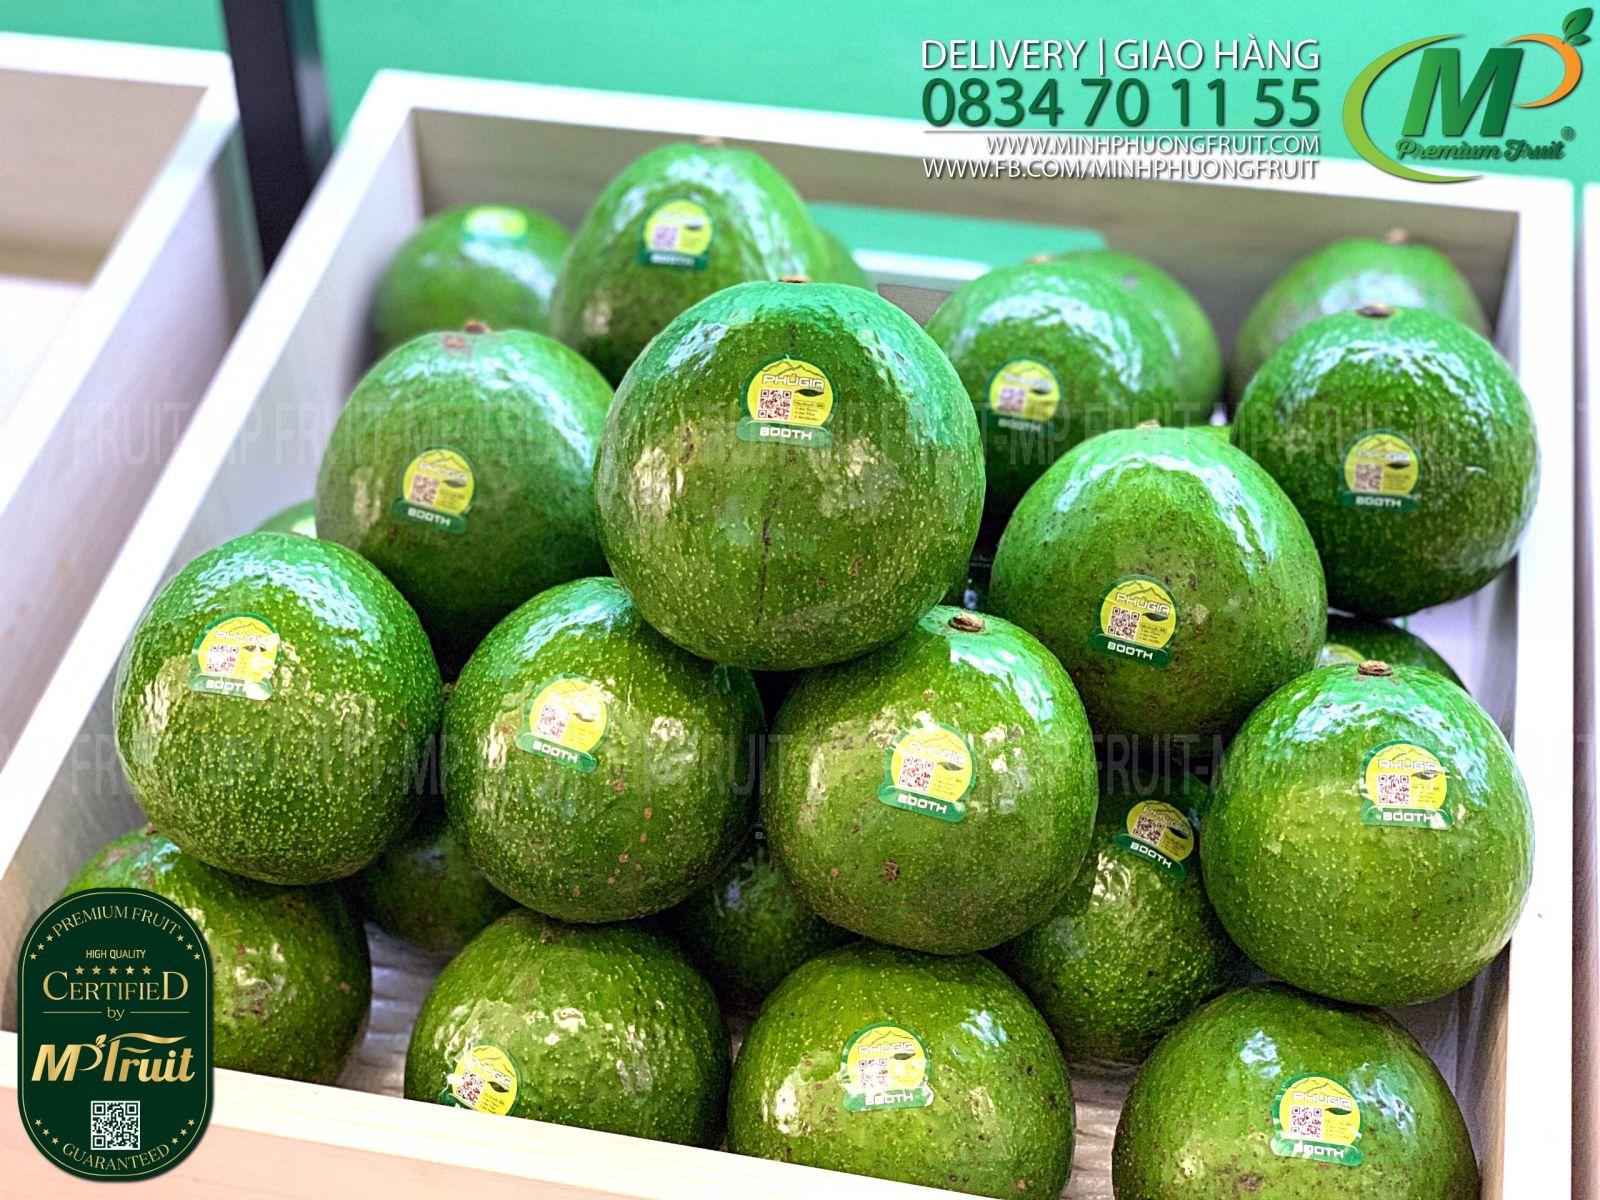 Bơ Booth 7 Di Linh Phú Gia Farm tại cửa hàng MP Fruit